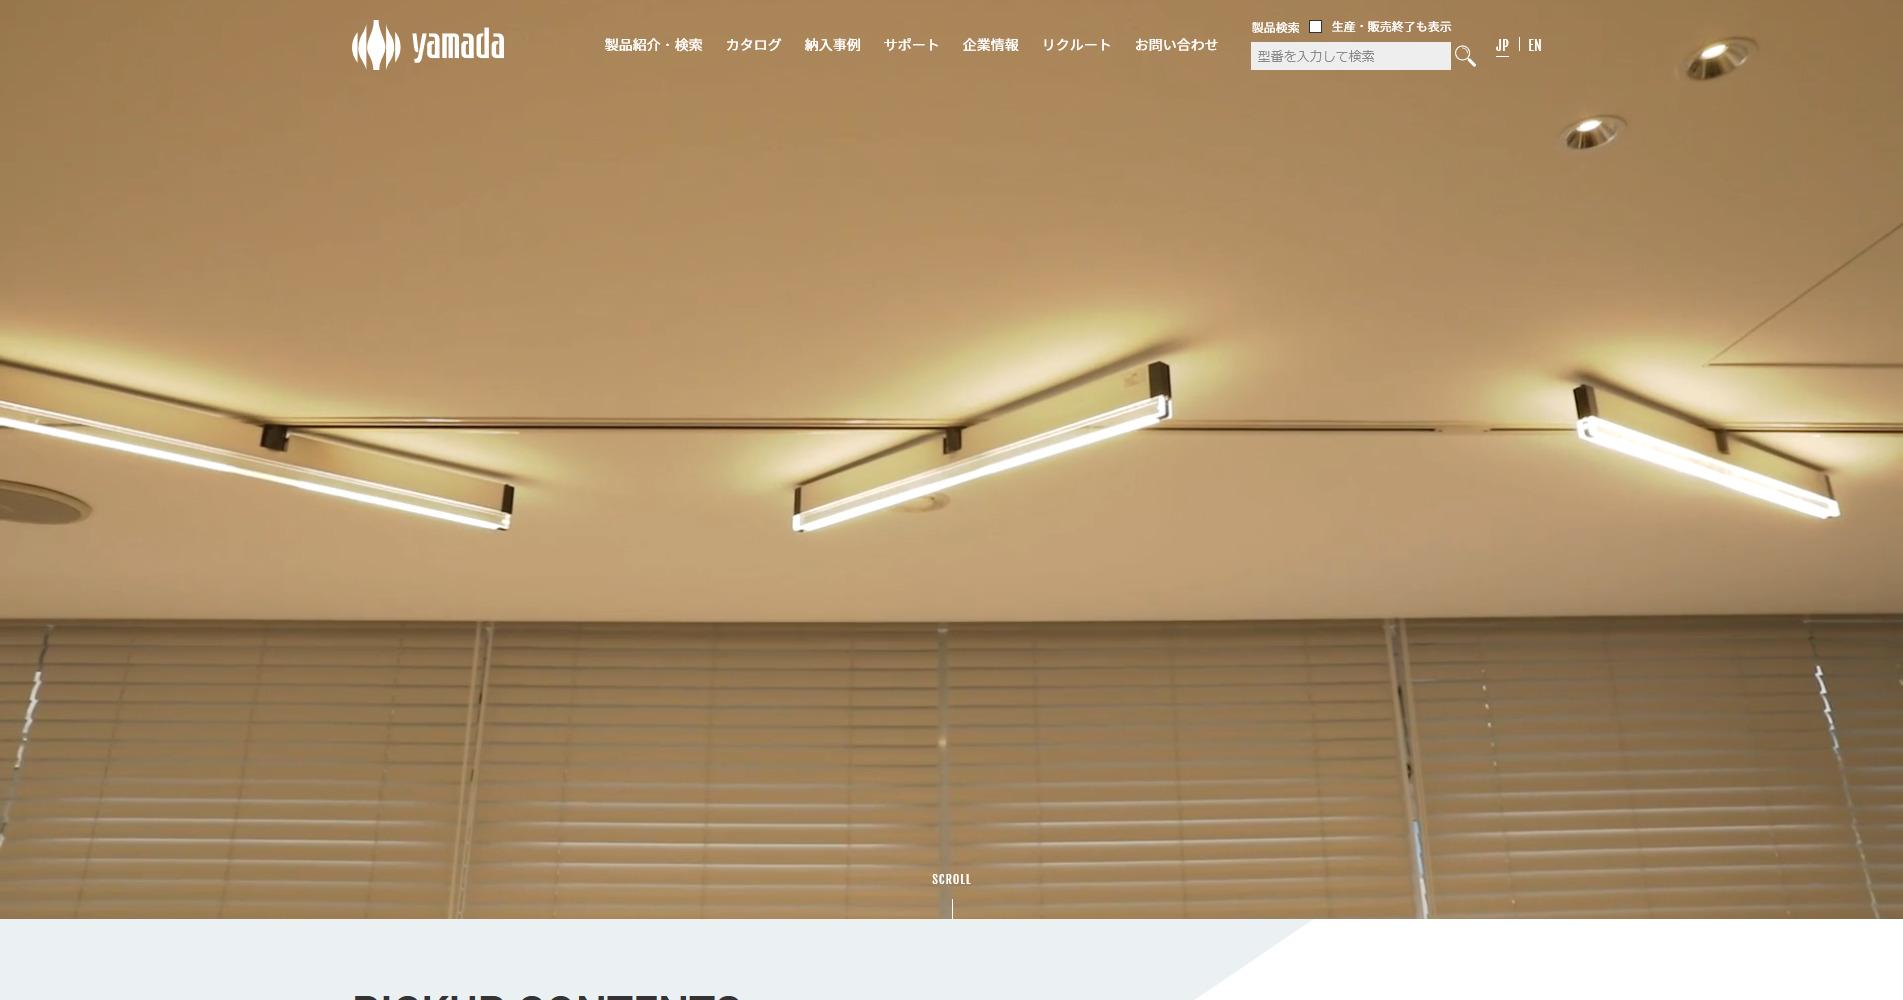 山田照明株式会社 コーポレートサイト